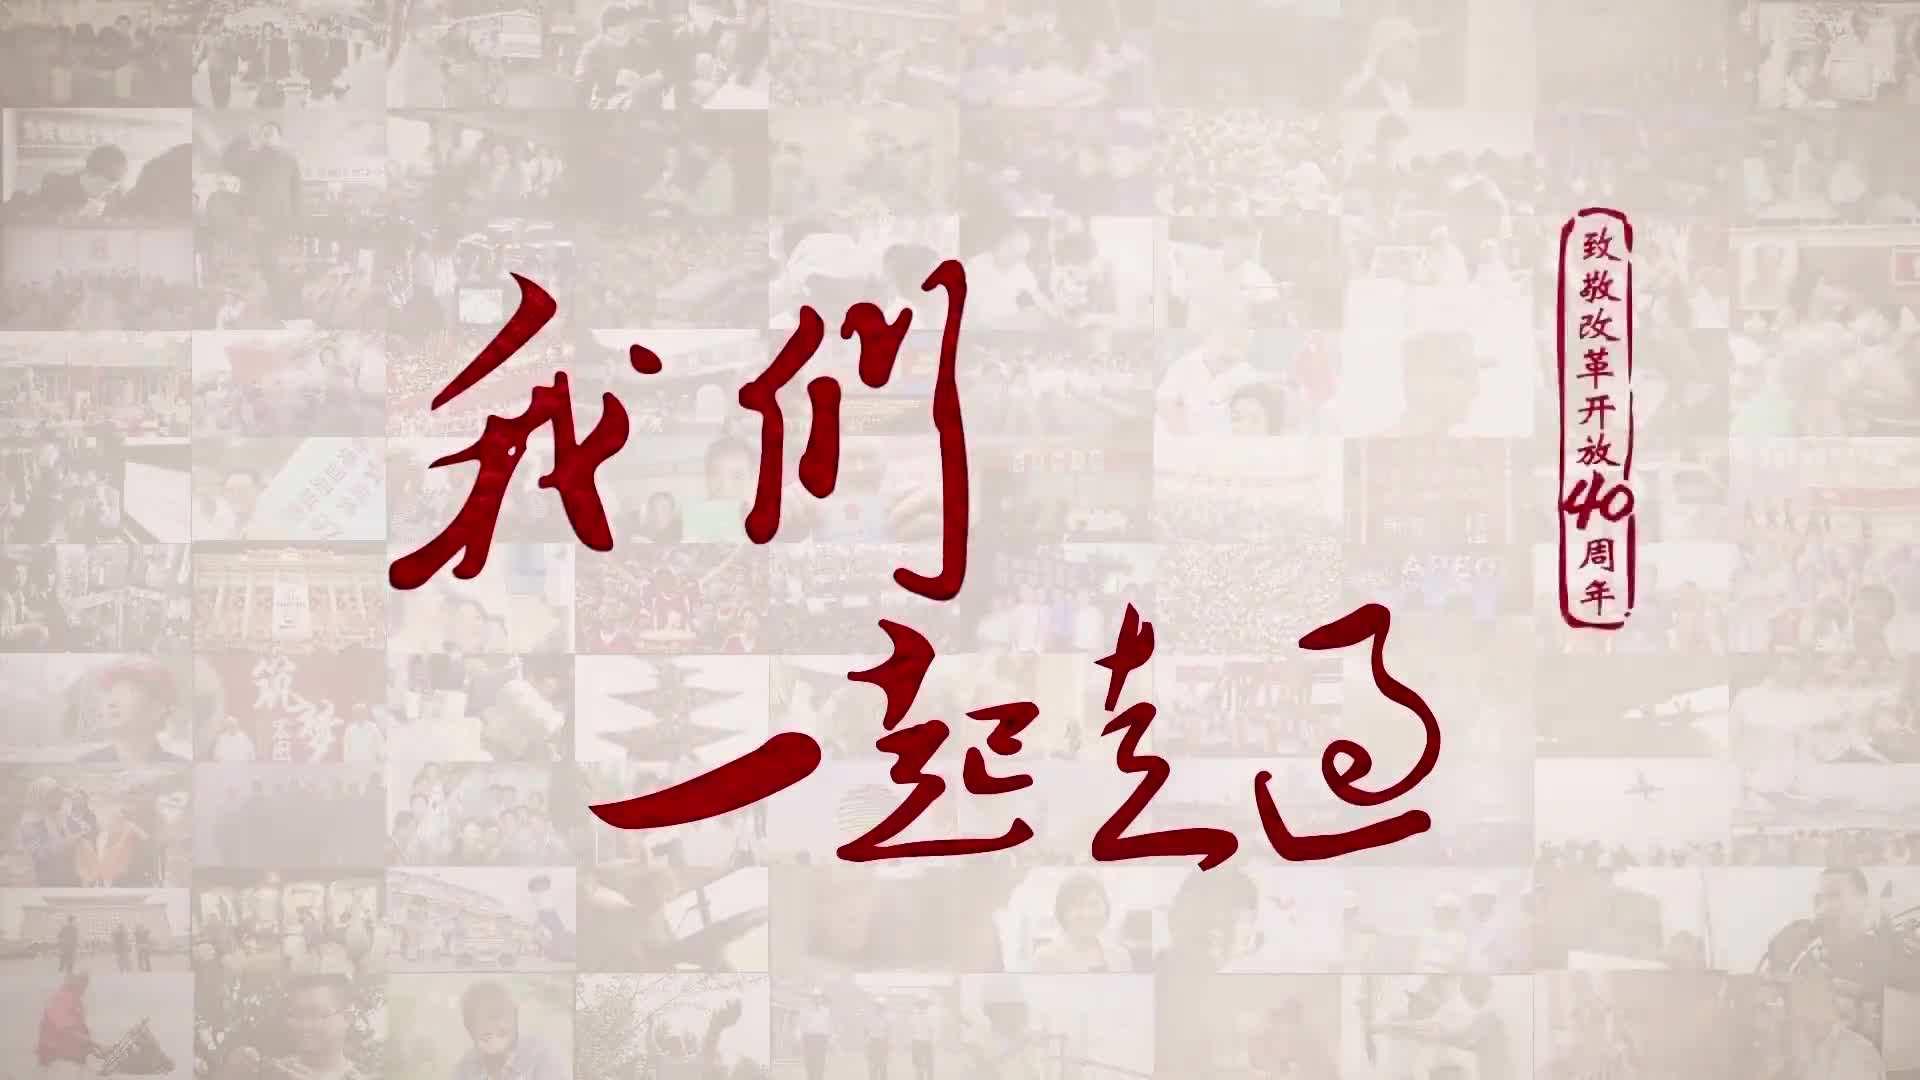 4分钟速览:大型电视记录片《我们一同走过》第十七集、第十八集